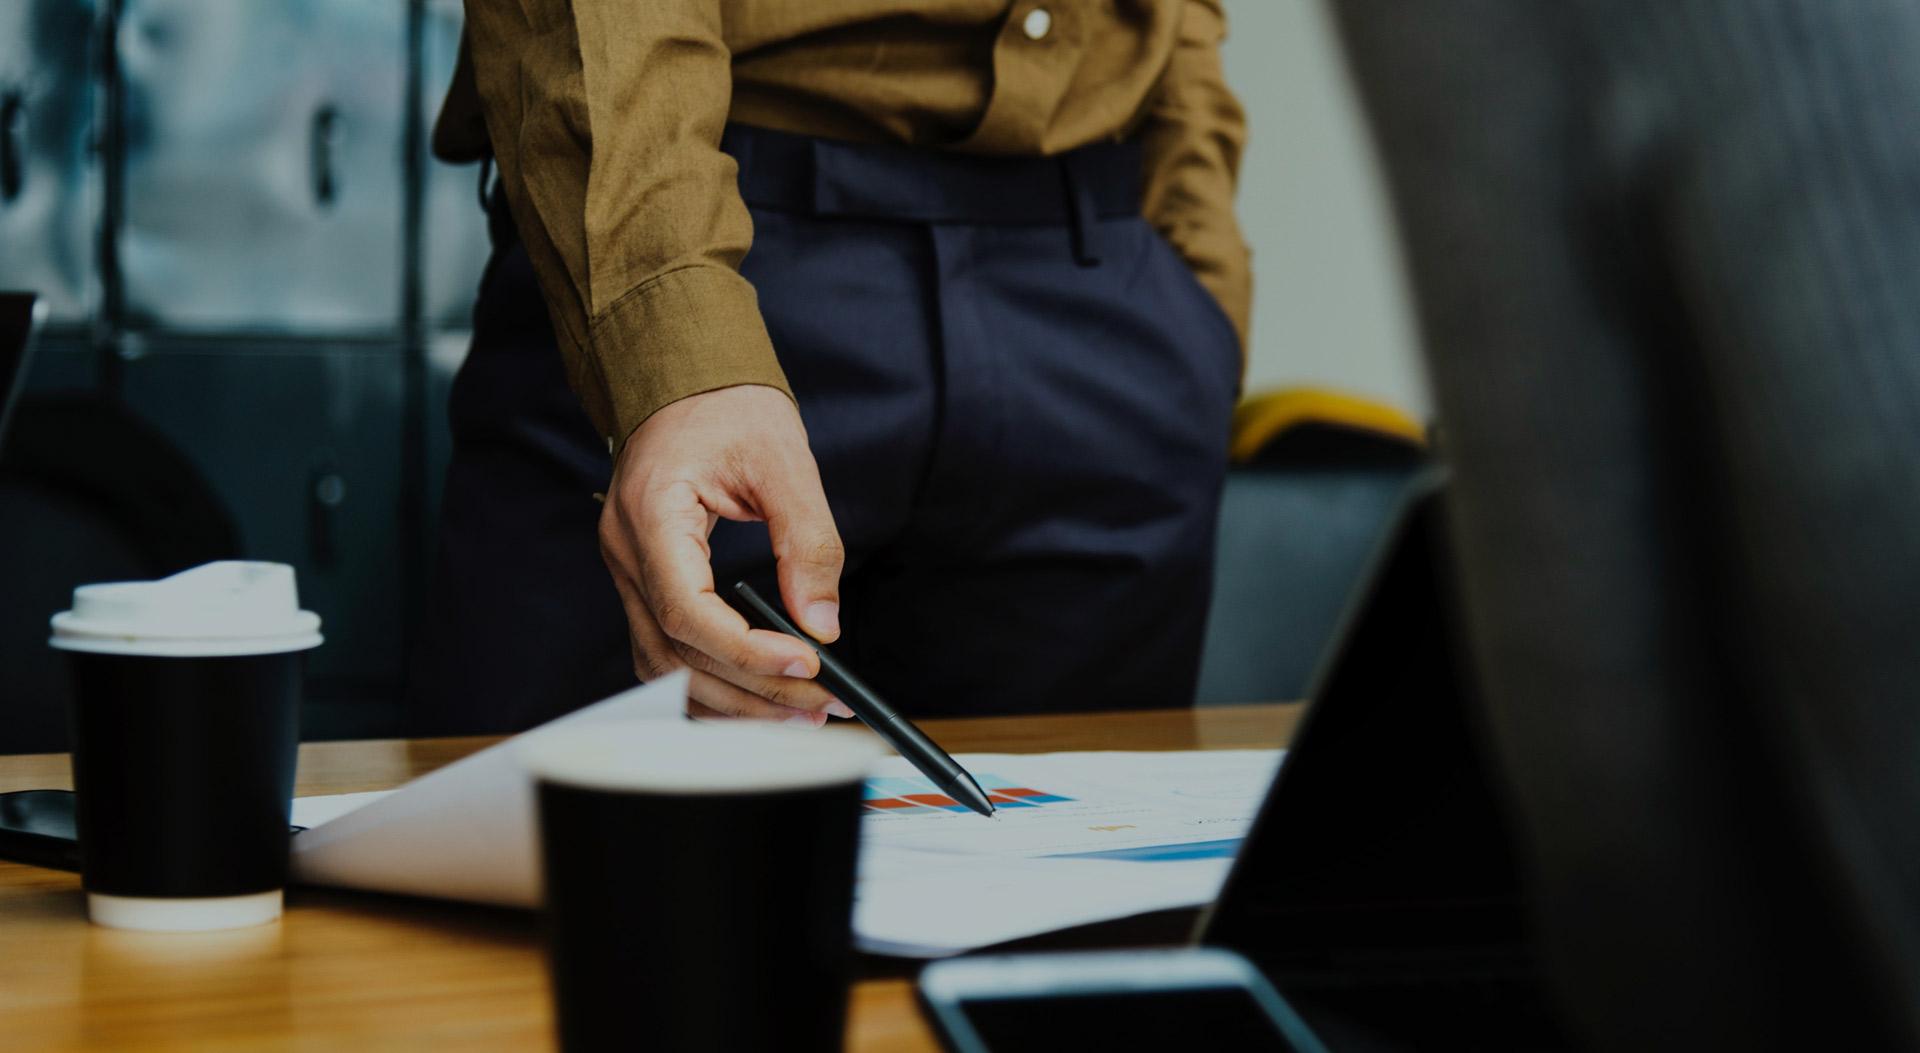 SII actualiza listado de las jurisdicciones con régimen fiscal preferencial del artículo 41H de la Ley de la Renta